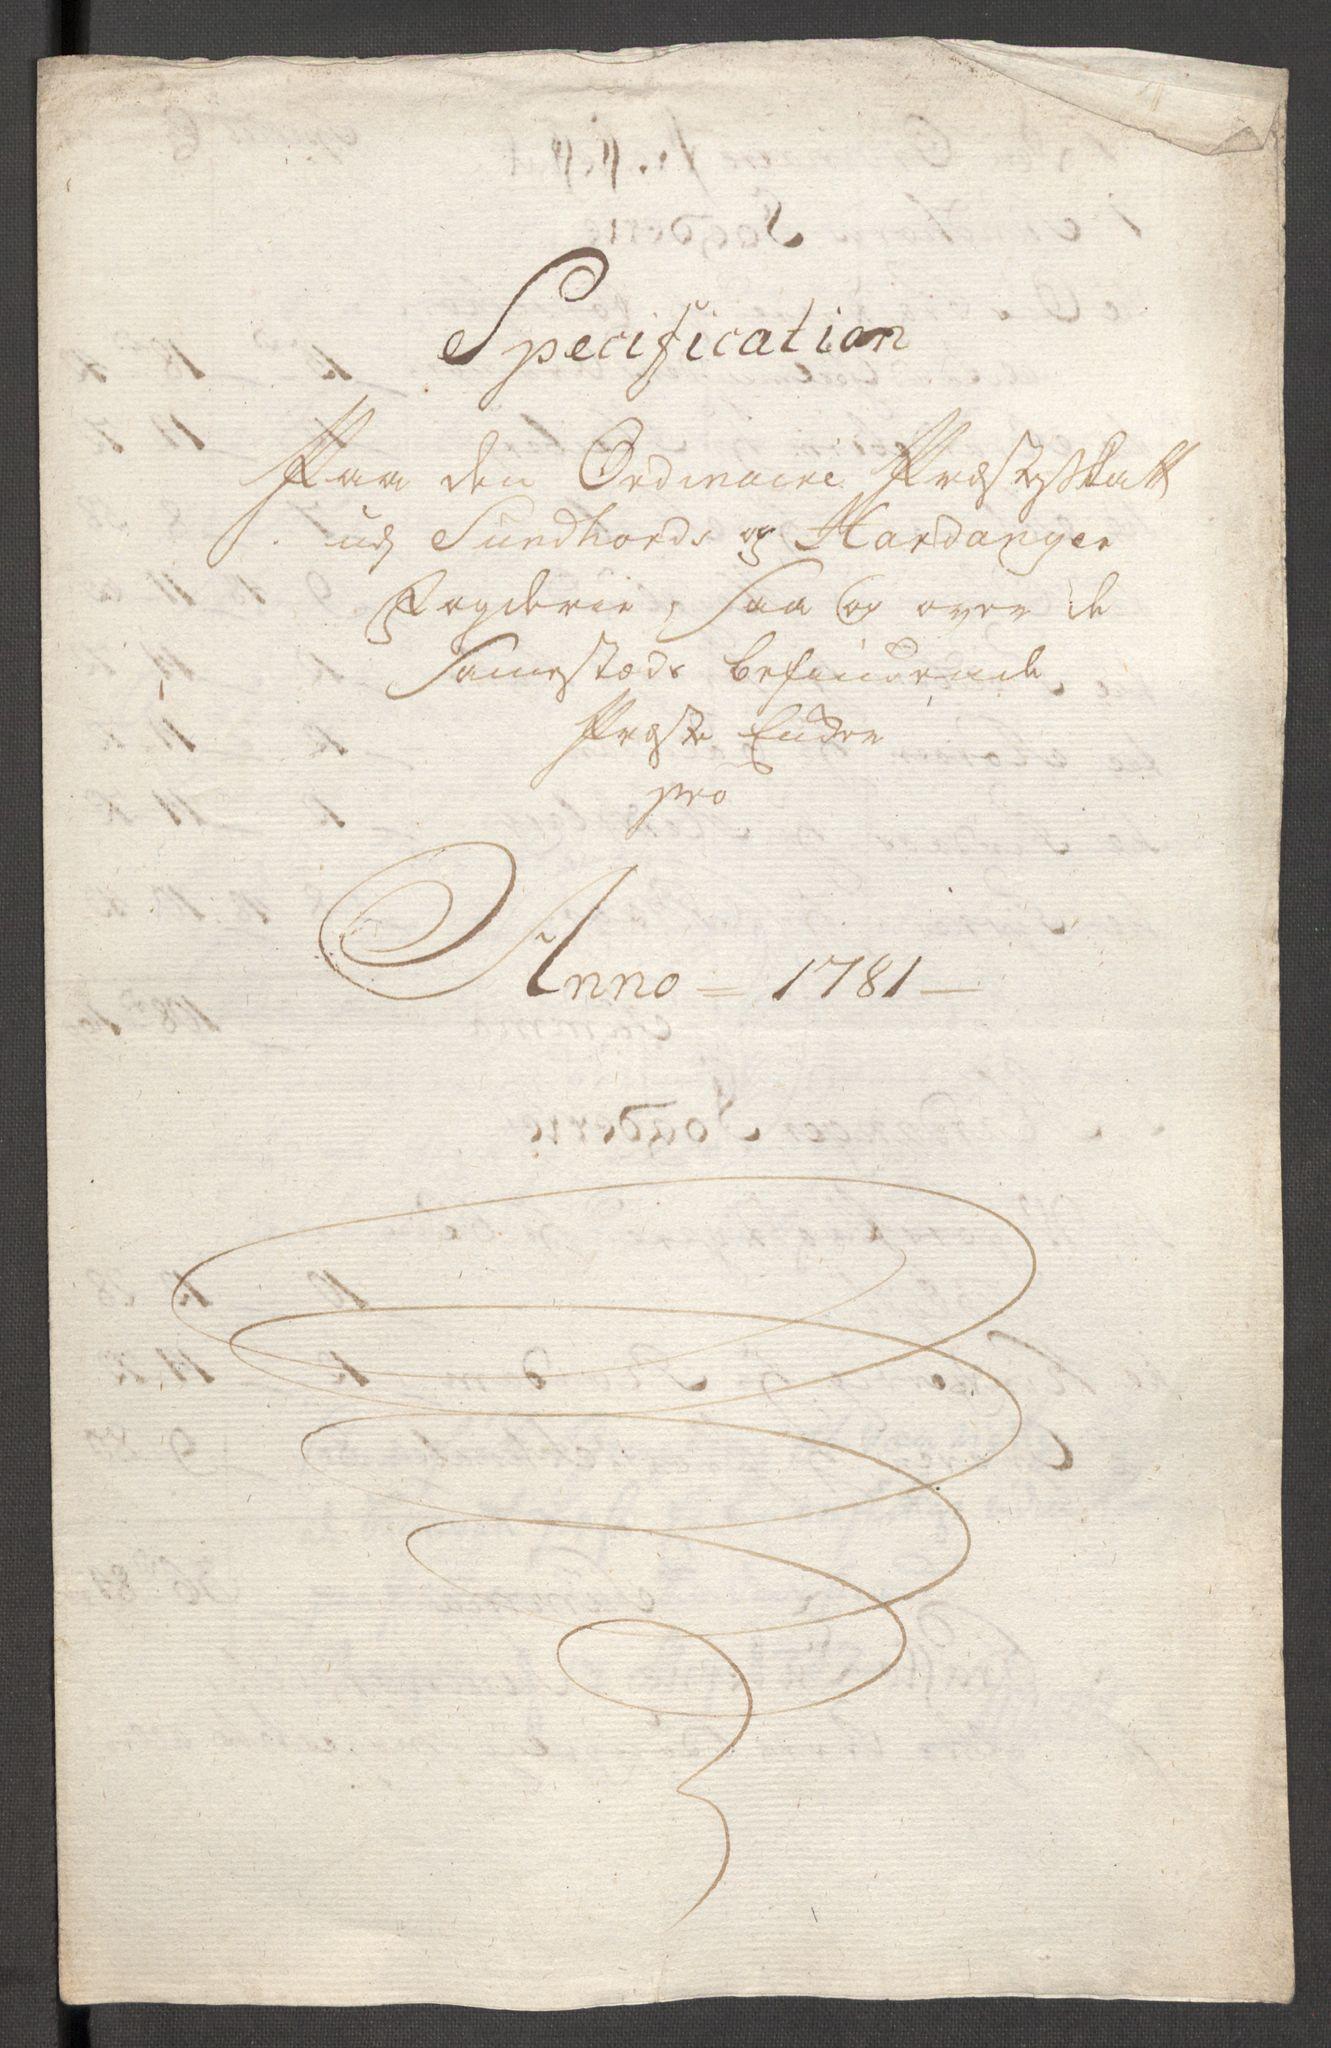 RA, Rentekammeret inntil 1814, Reviderte regnskaper, Fogderegnskap, R48/L3097: Fogderegnskap Sunnhordland og Hardanger, 1781, s. 71